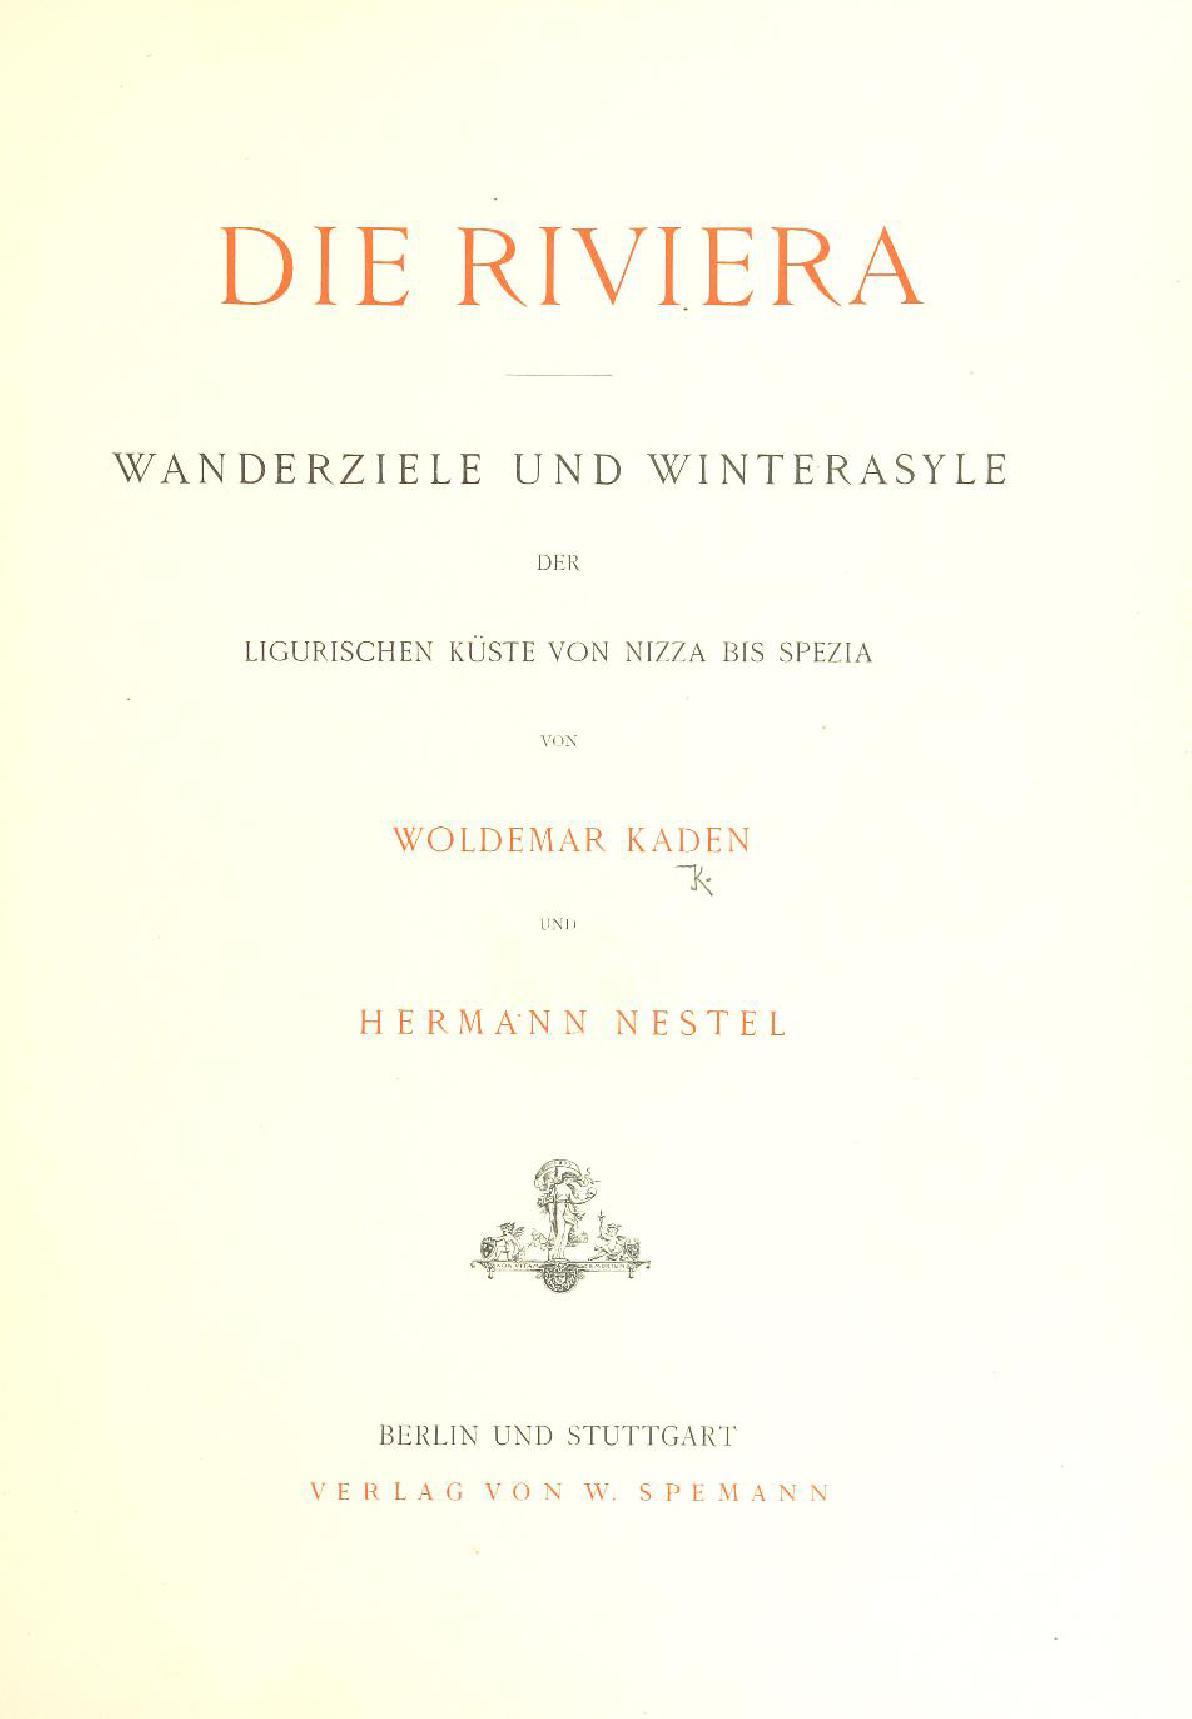 British Library - Die Riviera: Wanderziele und Winterasyle